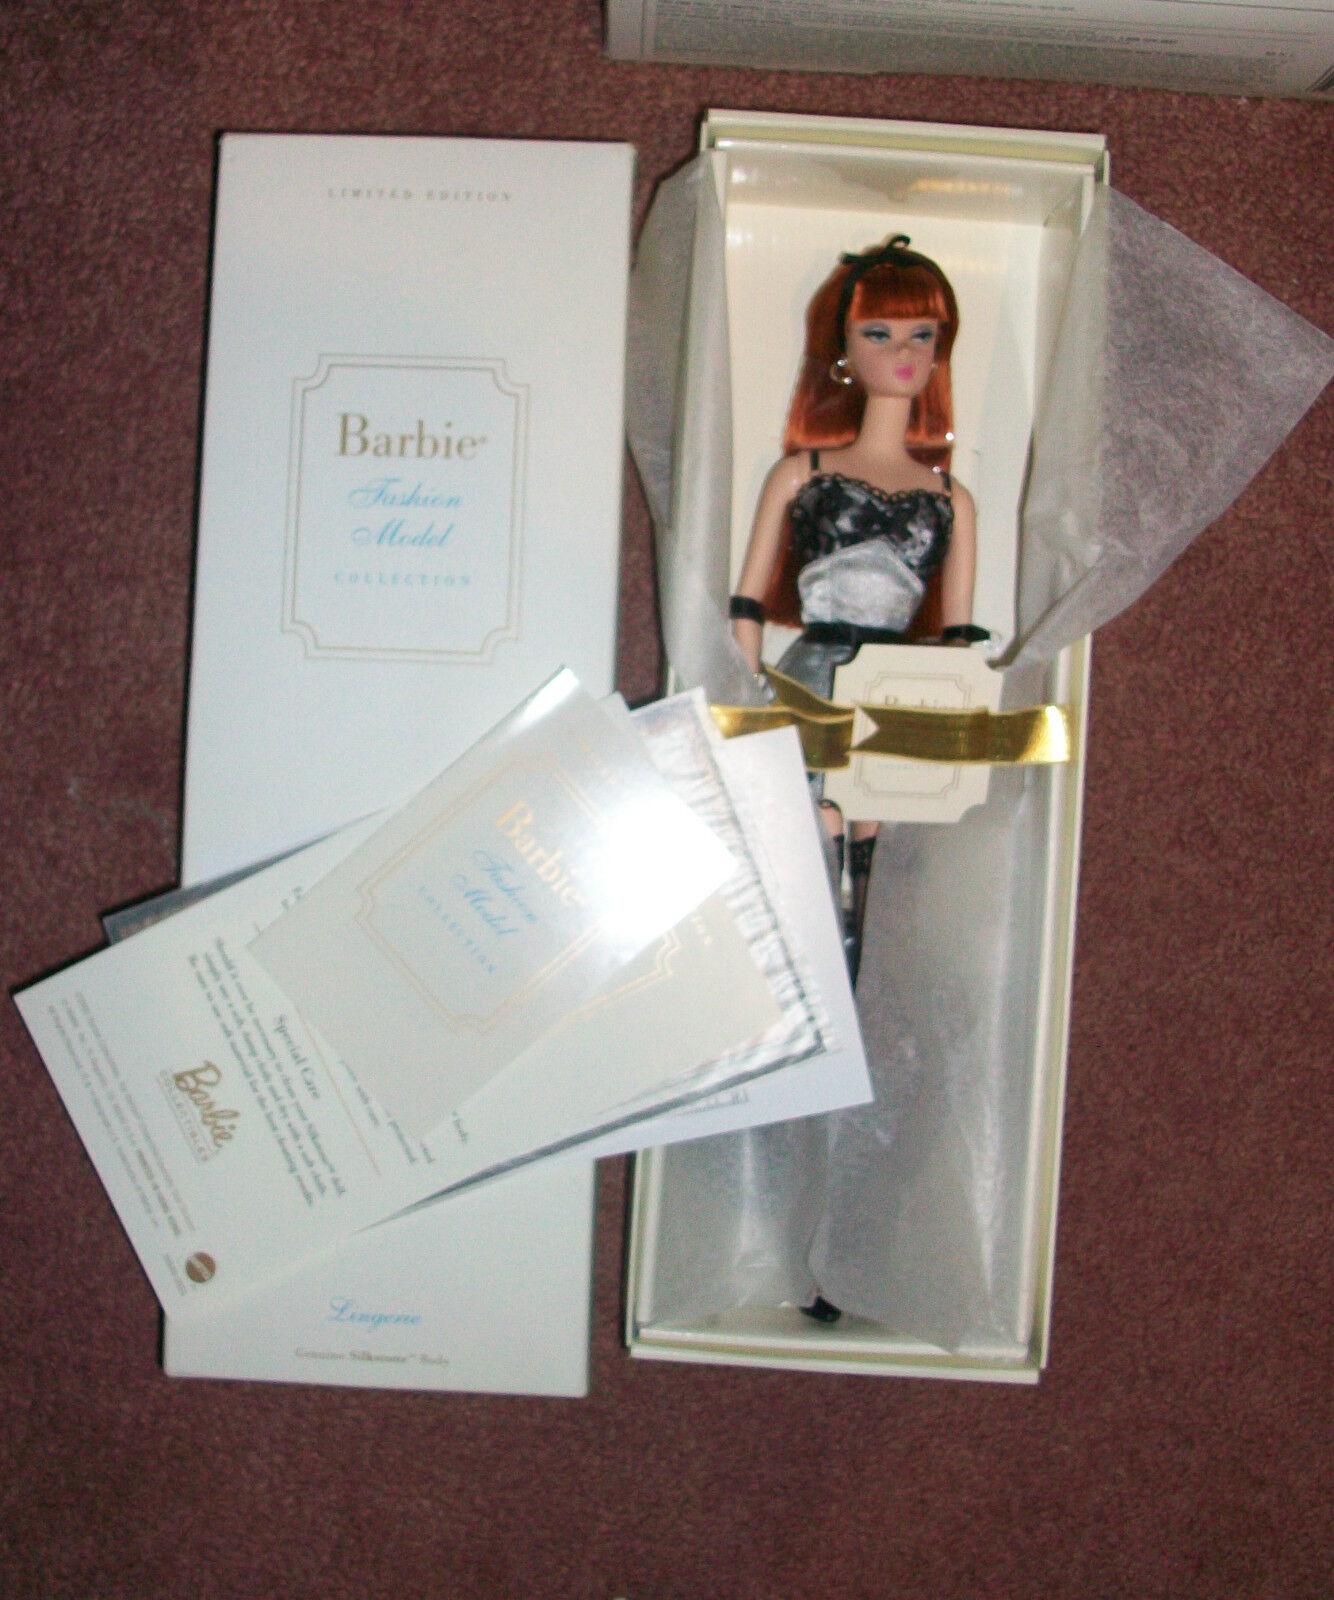 Barbie Silkstone Lencería Moda 2002 Modelo Edición Limitada De Colección Difícil De Encontrar